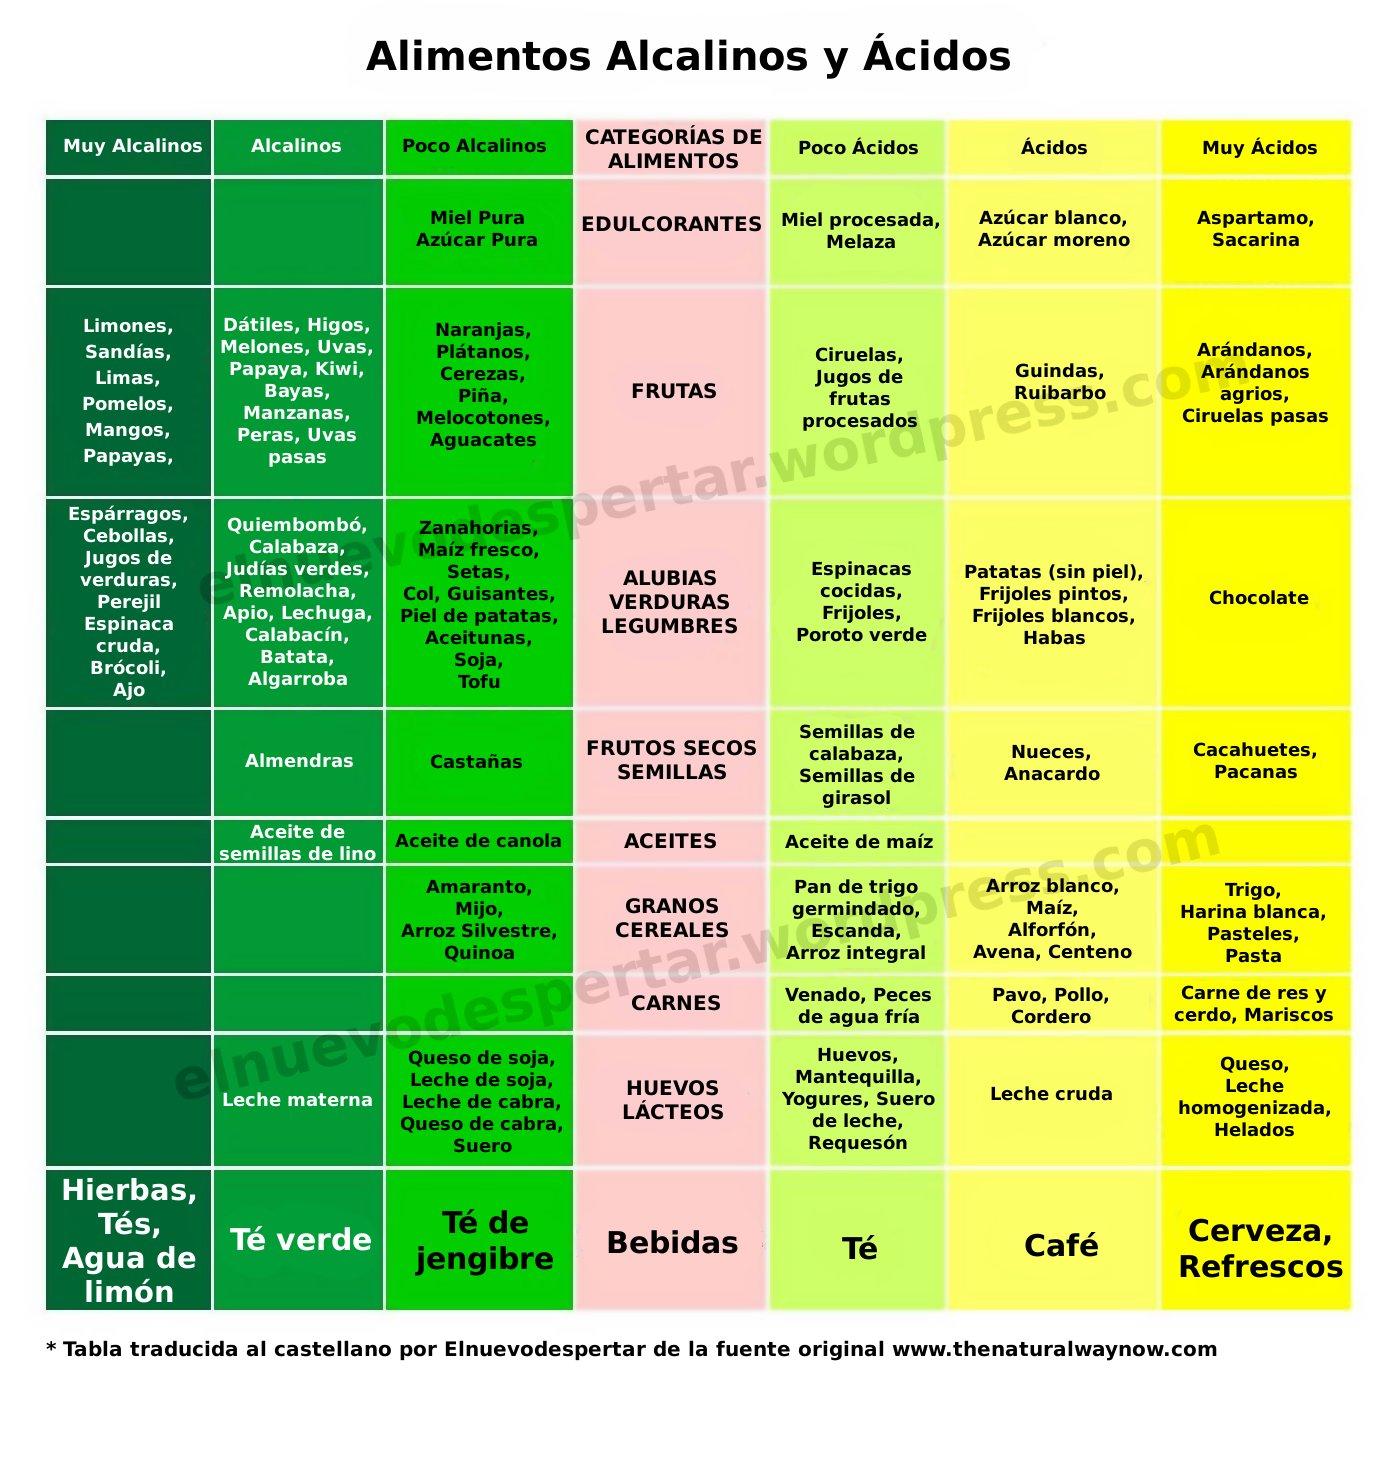 Acidosis cr nica un precursor del c ncer el nuevo despertar the new awakening - Tabla de alimentos alcalinos y acidos ...